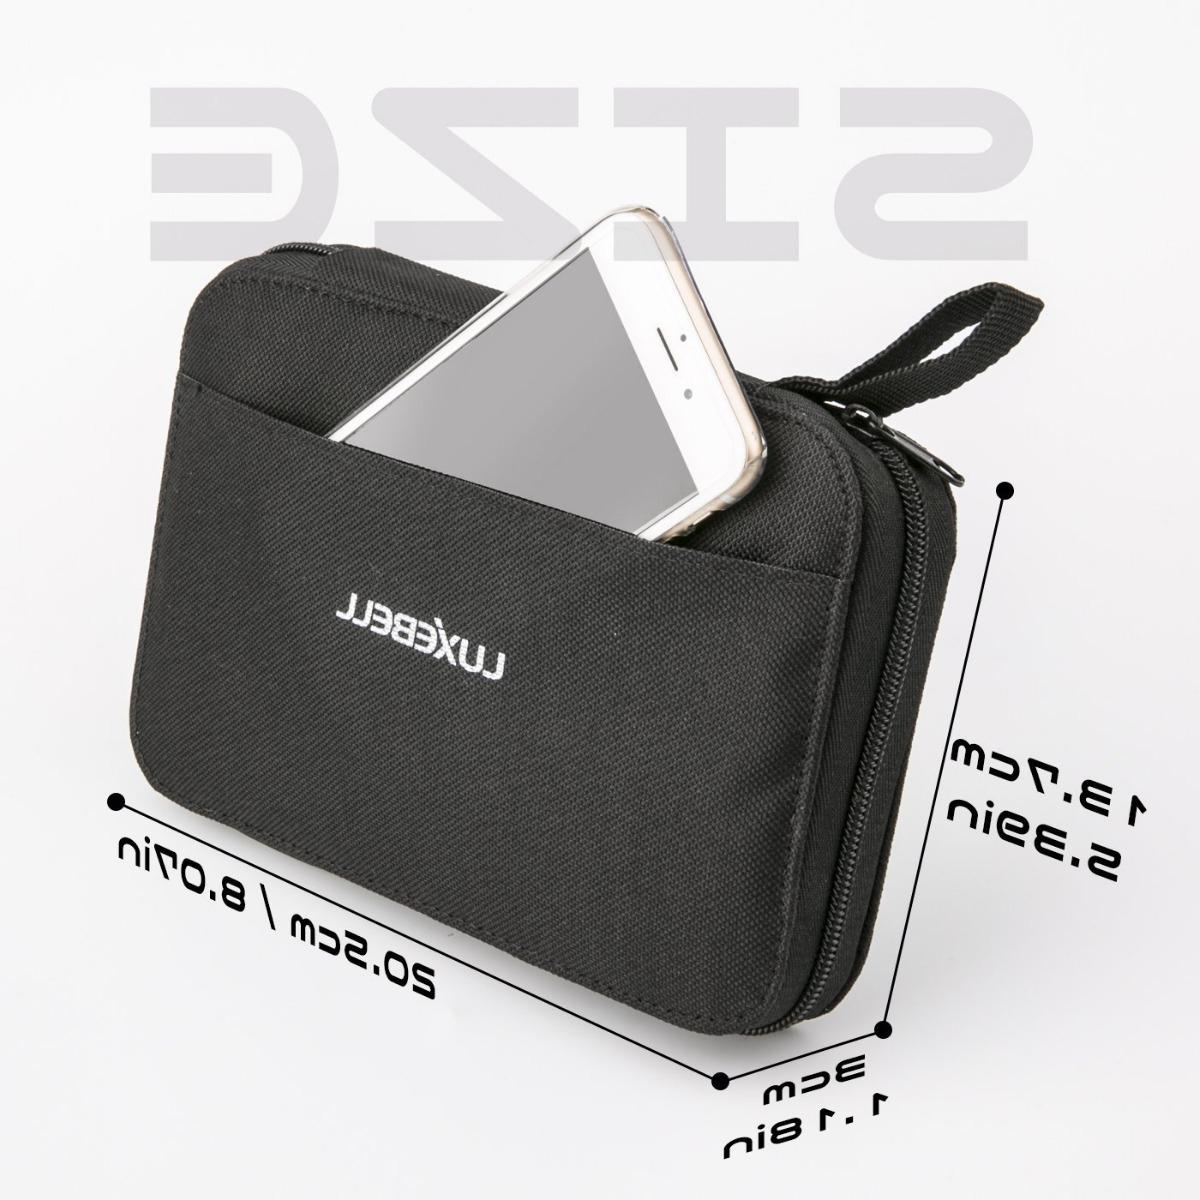 Accesorios Portatil 8ydm Kit De Costura Luxebell 92 De Coser Accesorios Portà Til 1 950